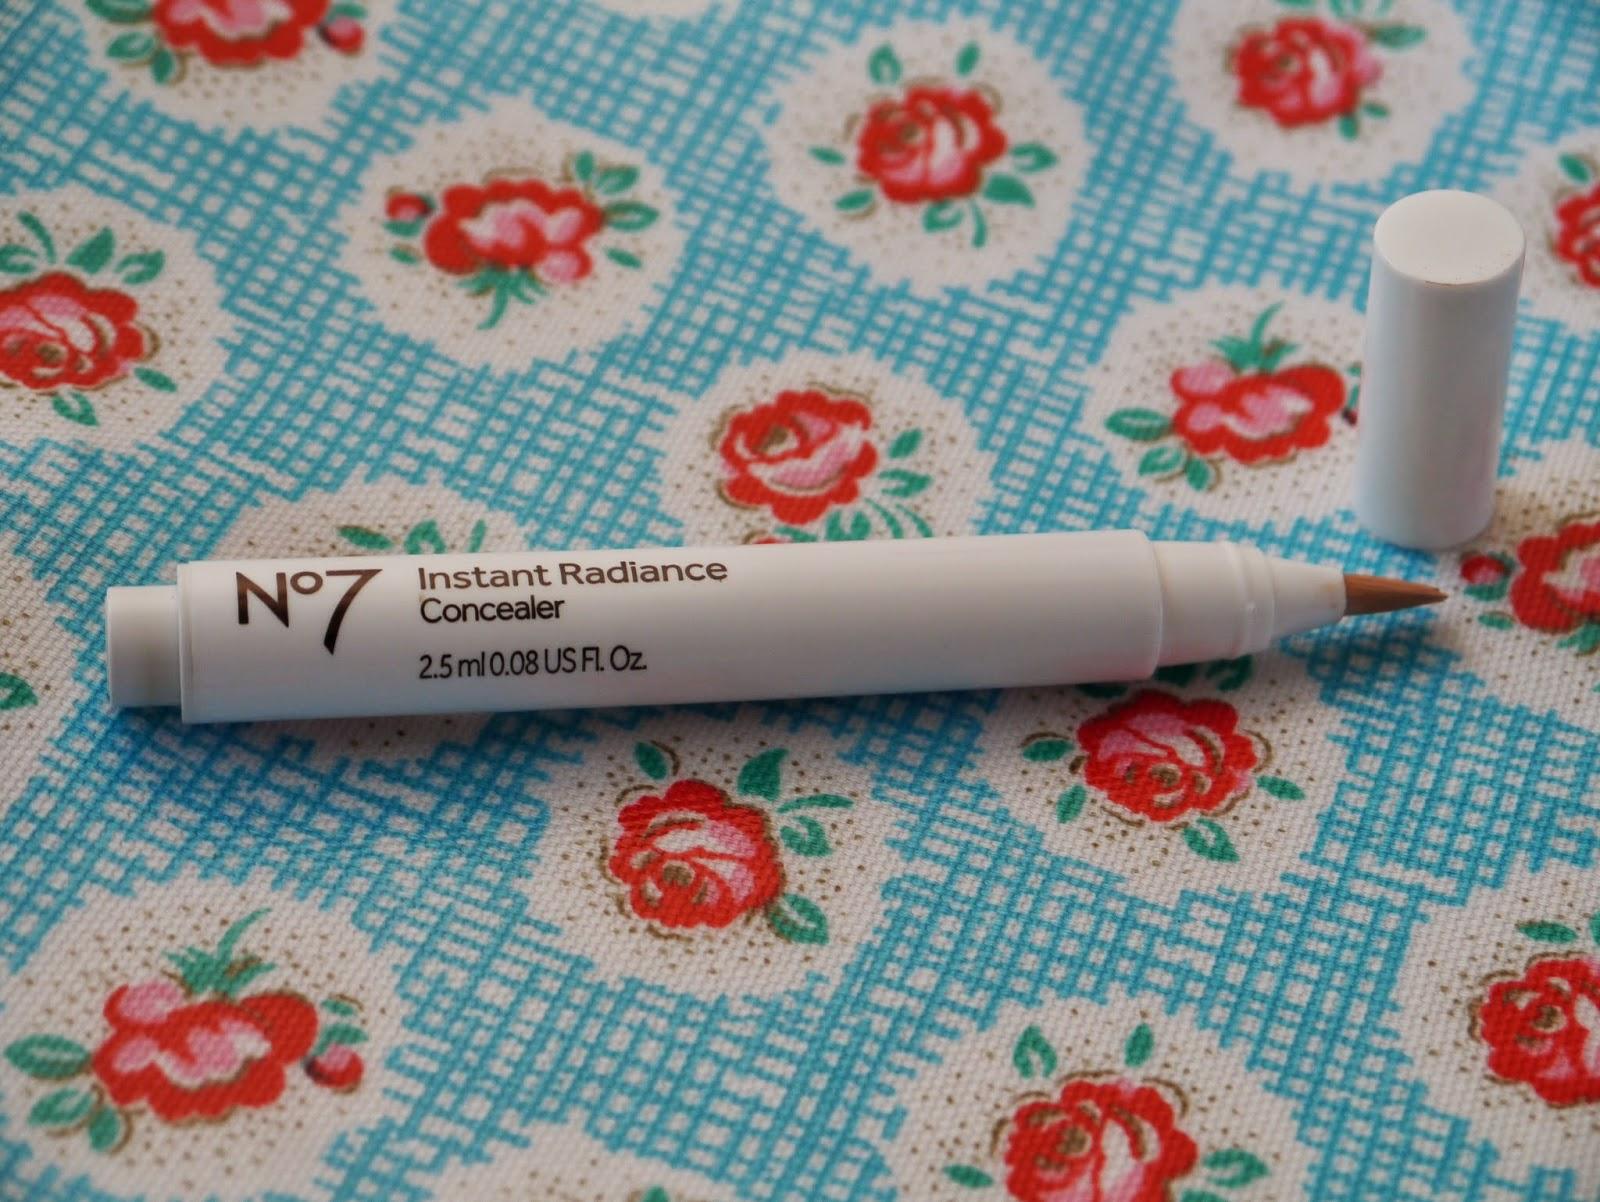 No7 instant radiance concealer